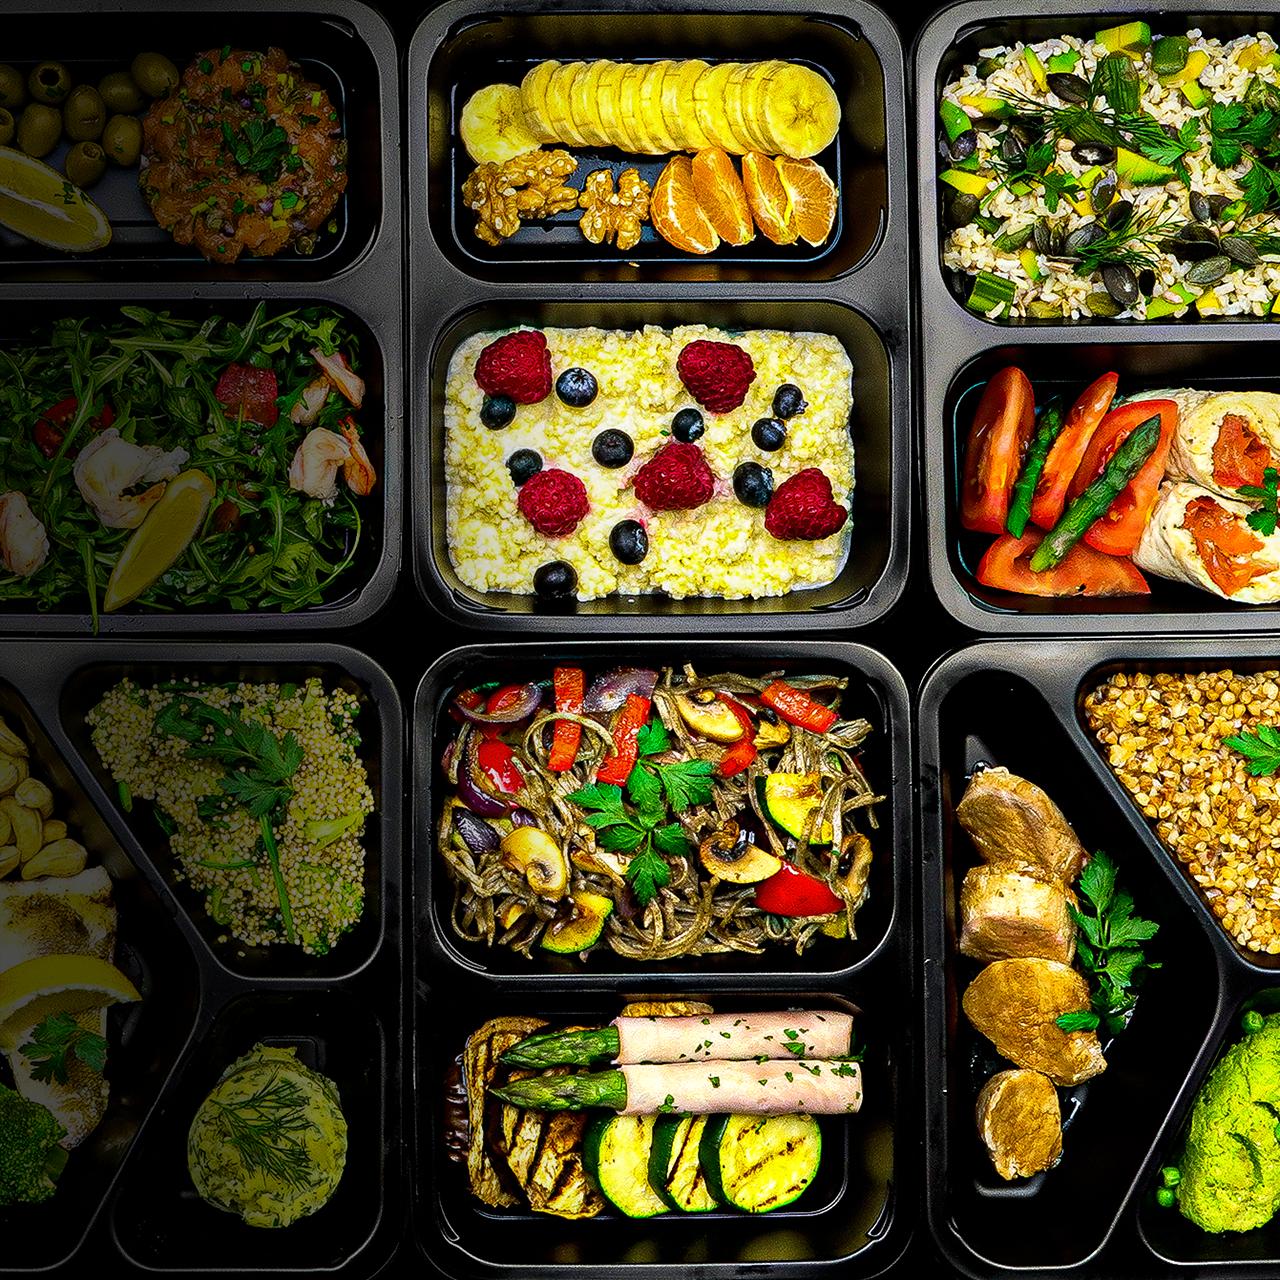 Dieta pudełkowa Włocławek, pojemniki z różnymi daniami